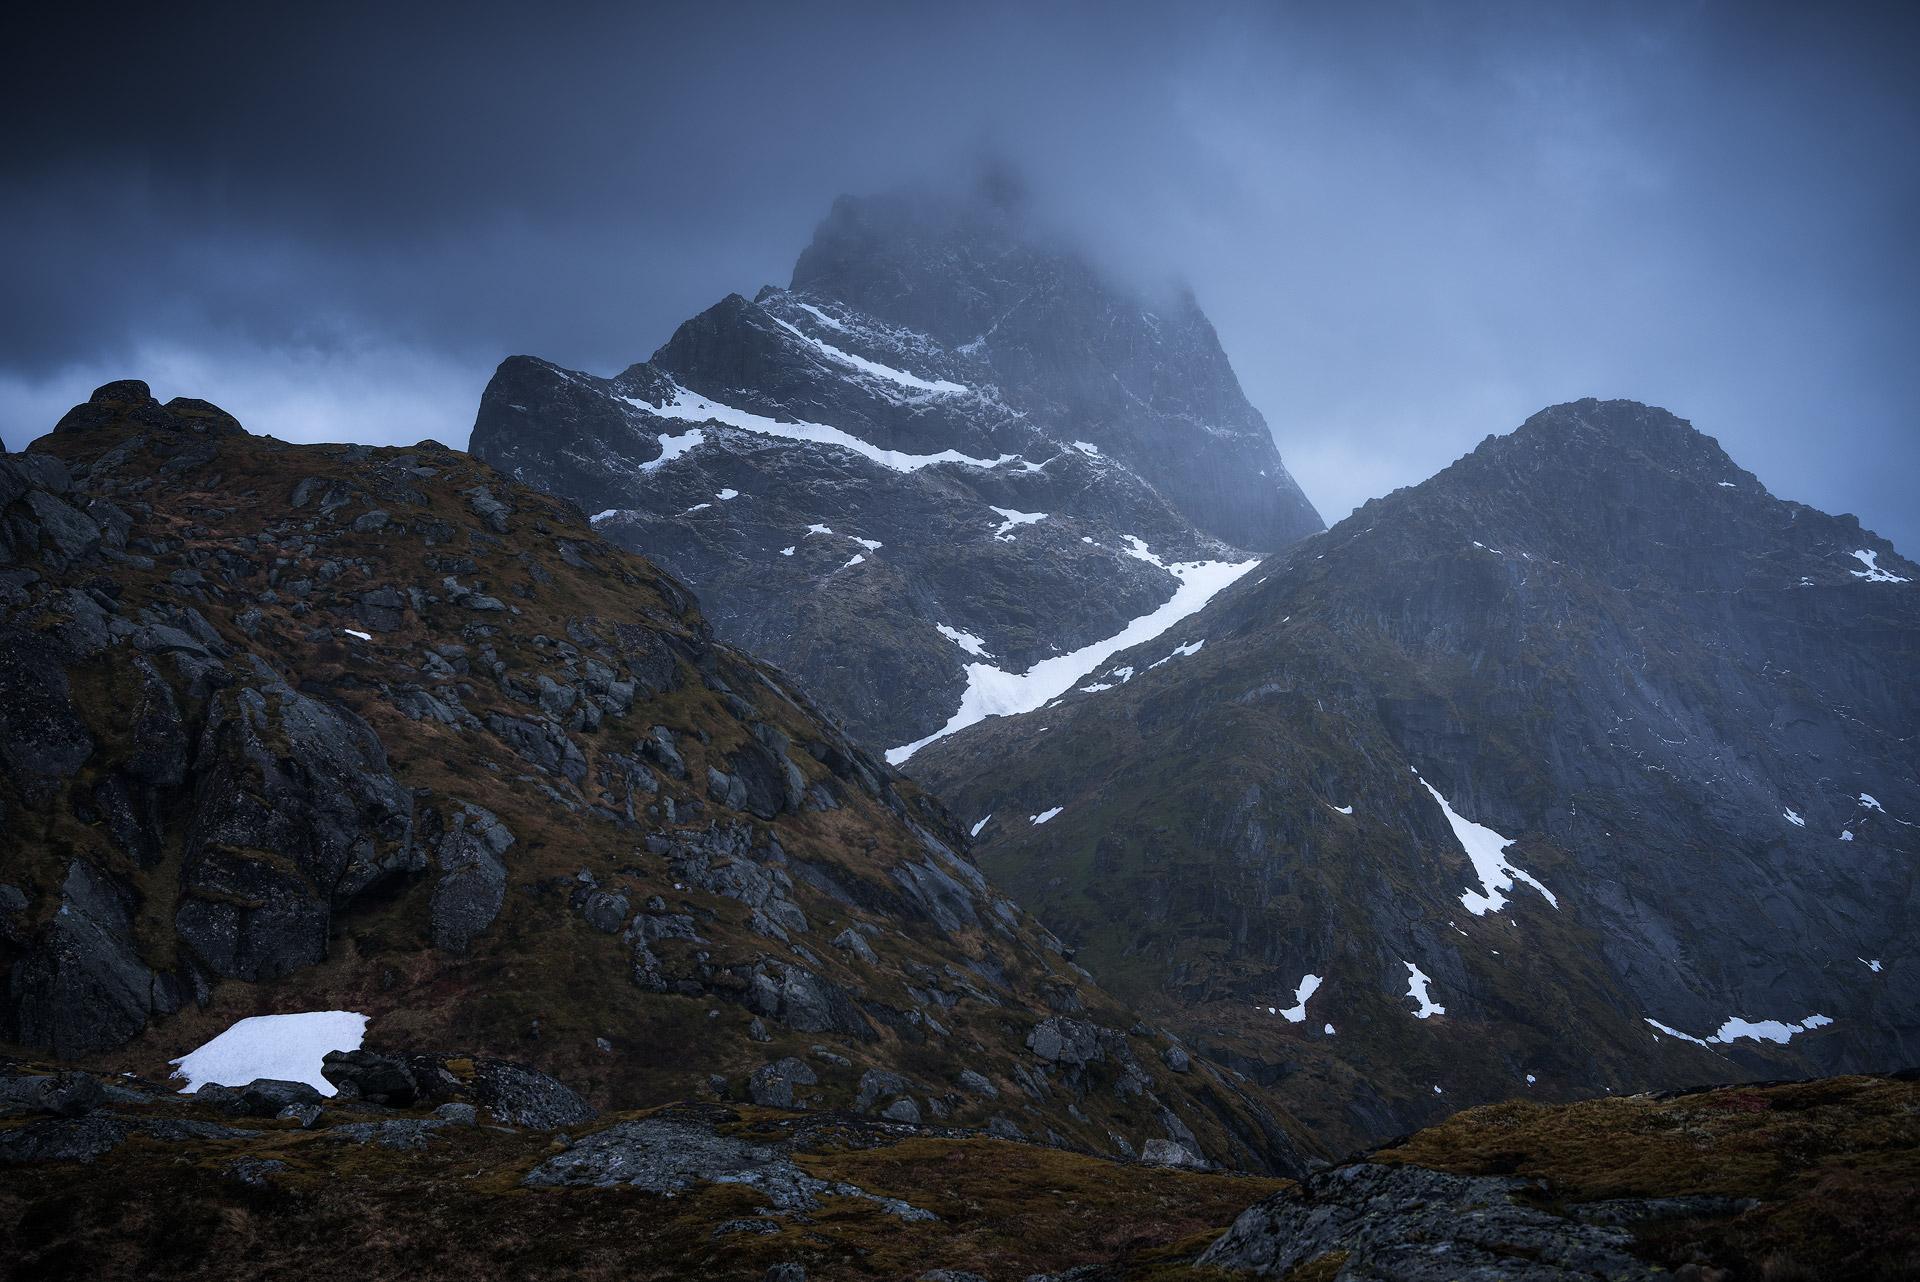 Lofoten-Mosknesoy-Stormy-Hike-7.jpg